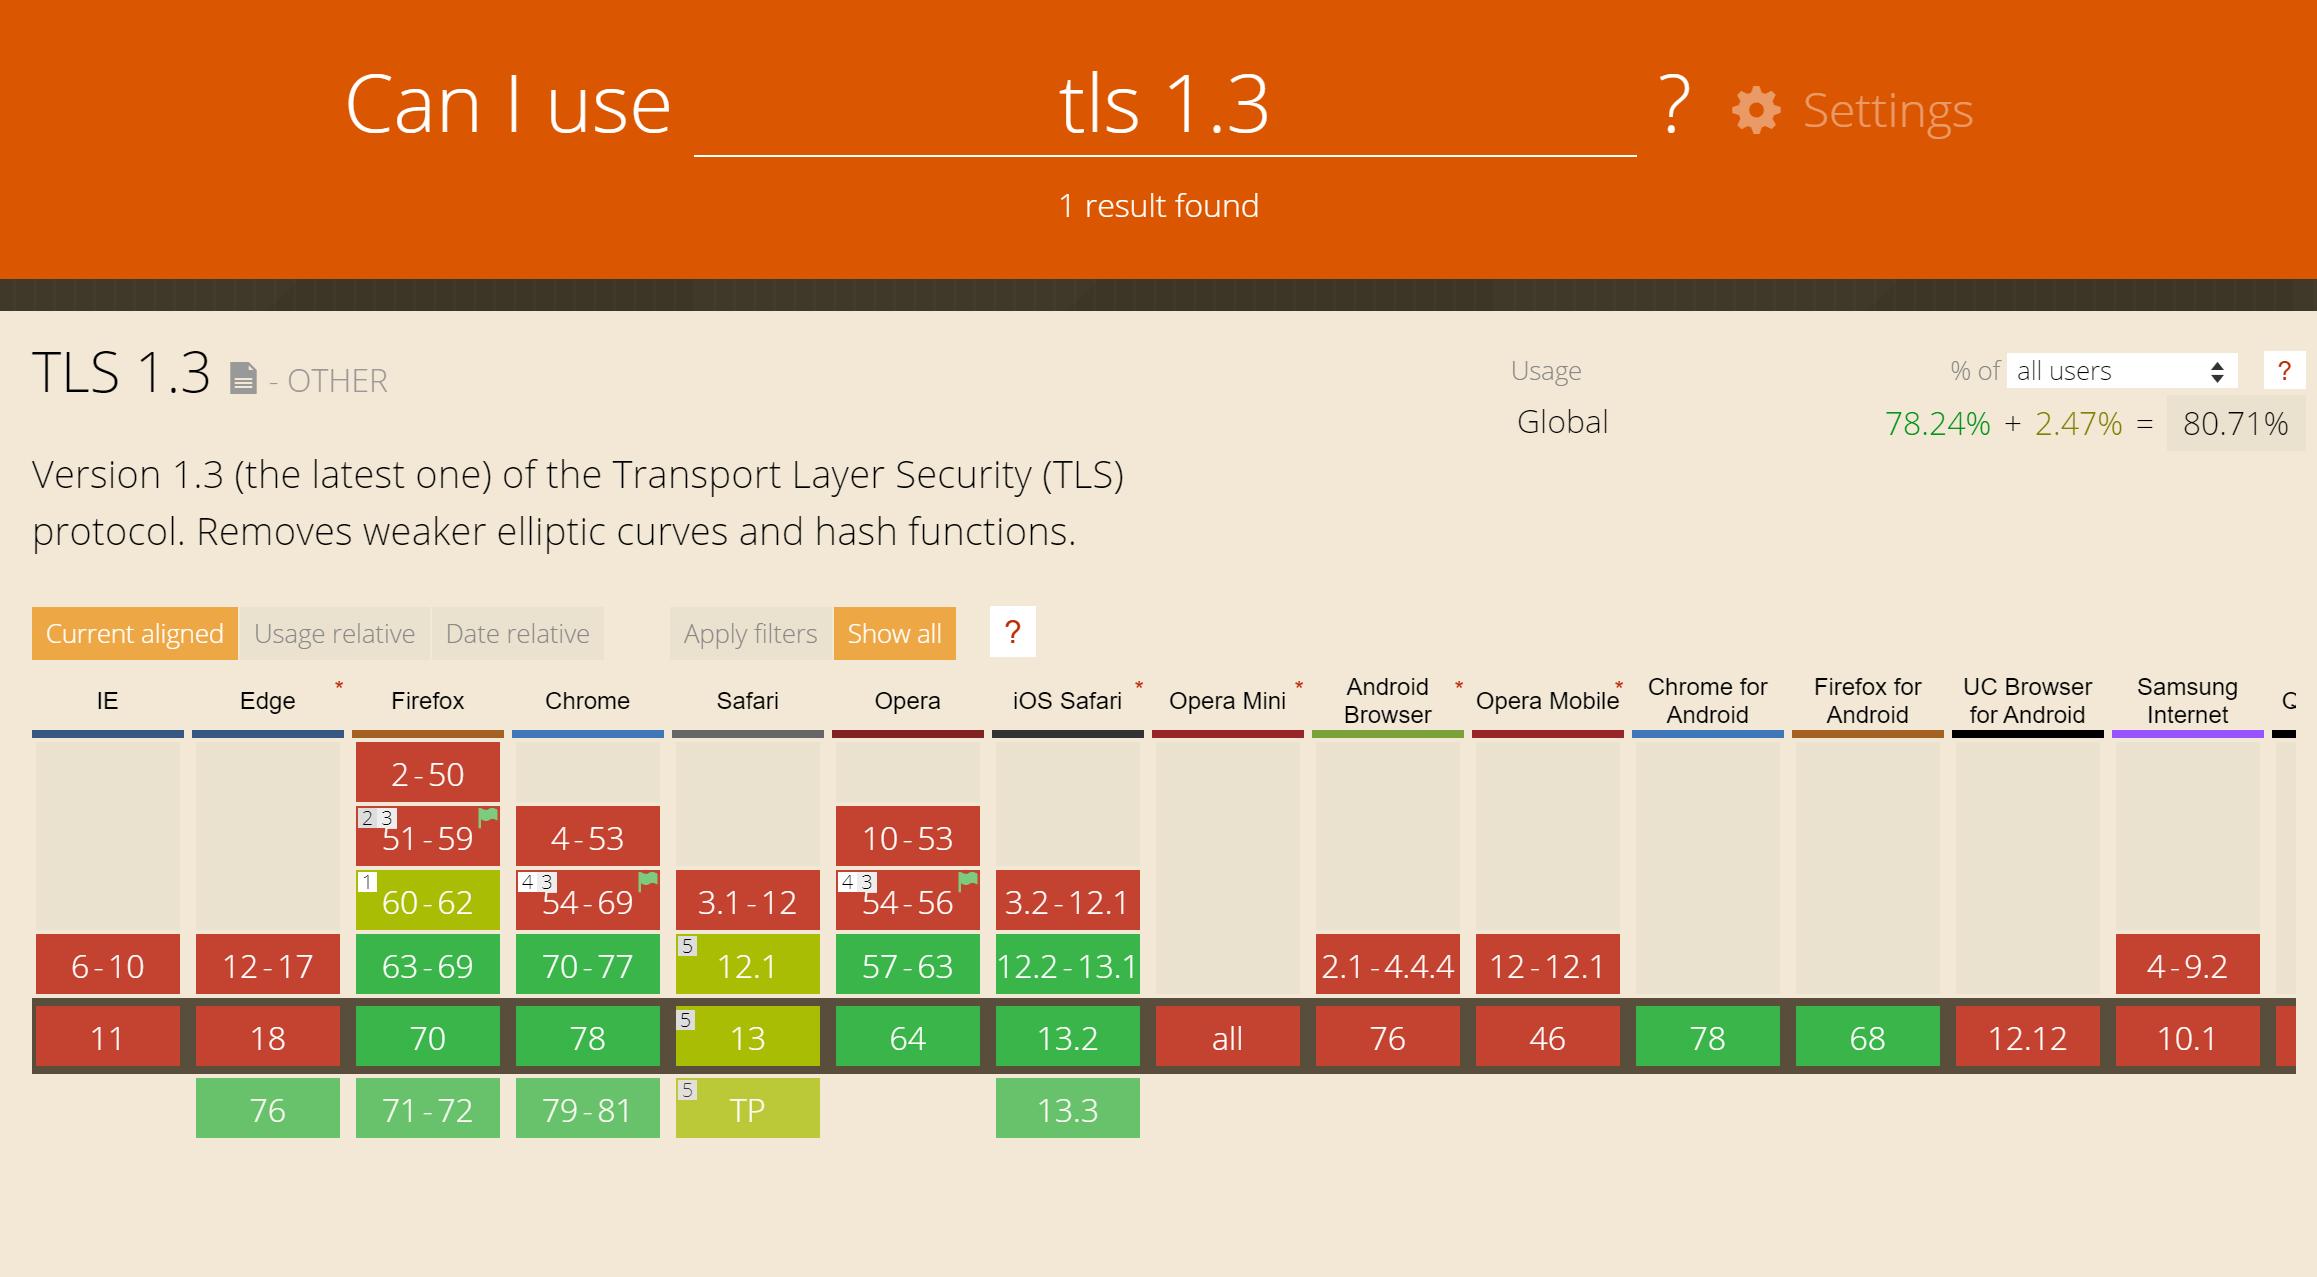 TLS 1.3-webbrowser support